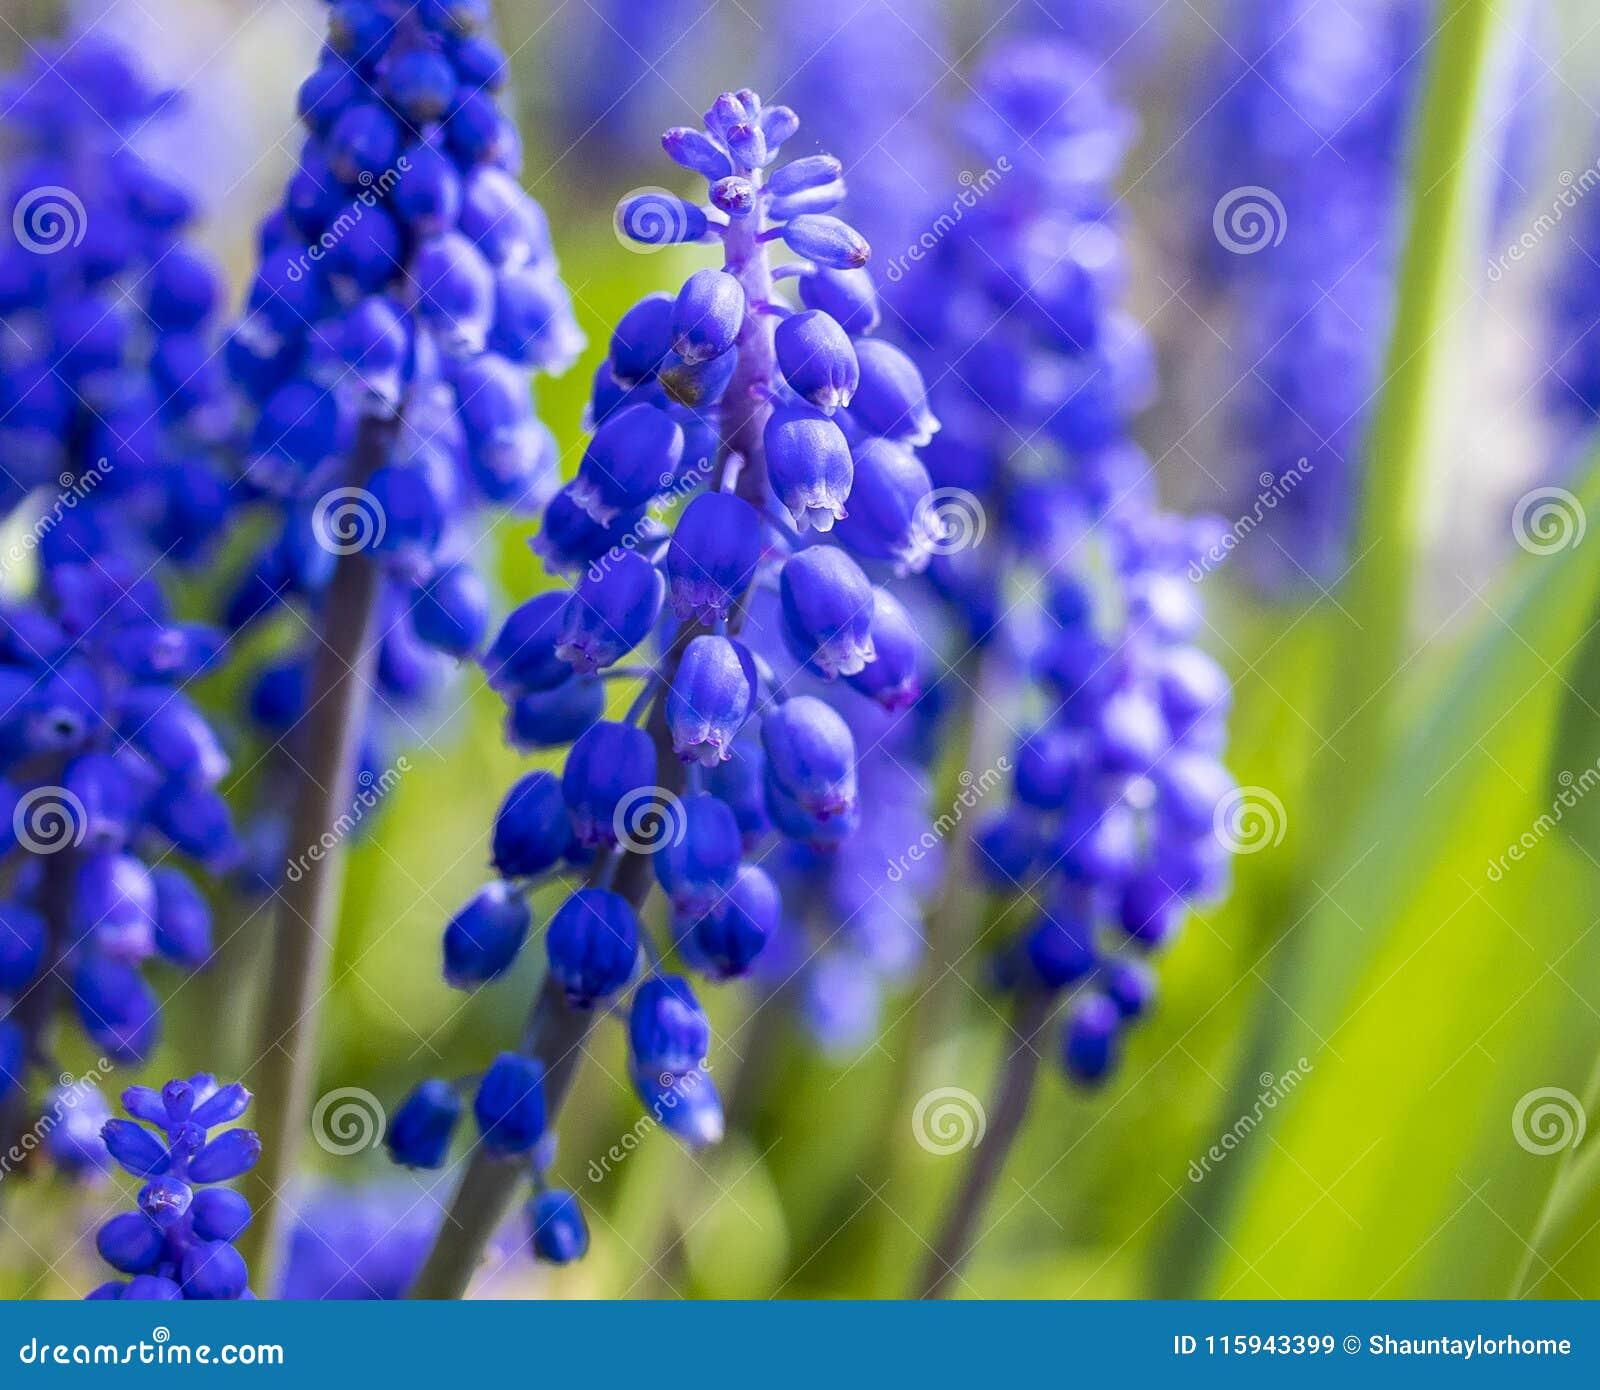 Traube Hyacinth Muscari, der im Frühjahr in England in Großbritannien blüht